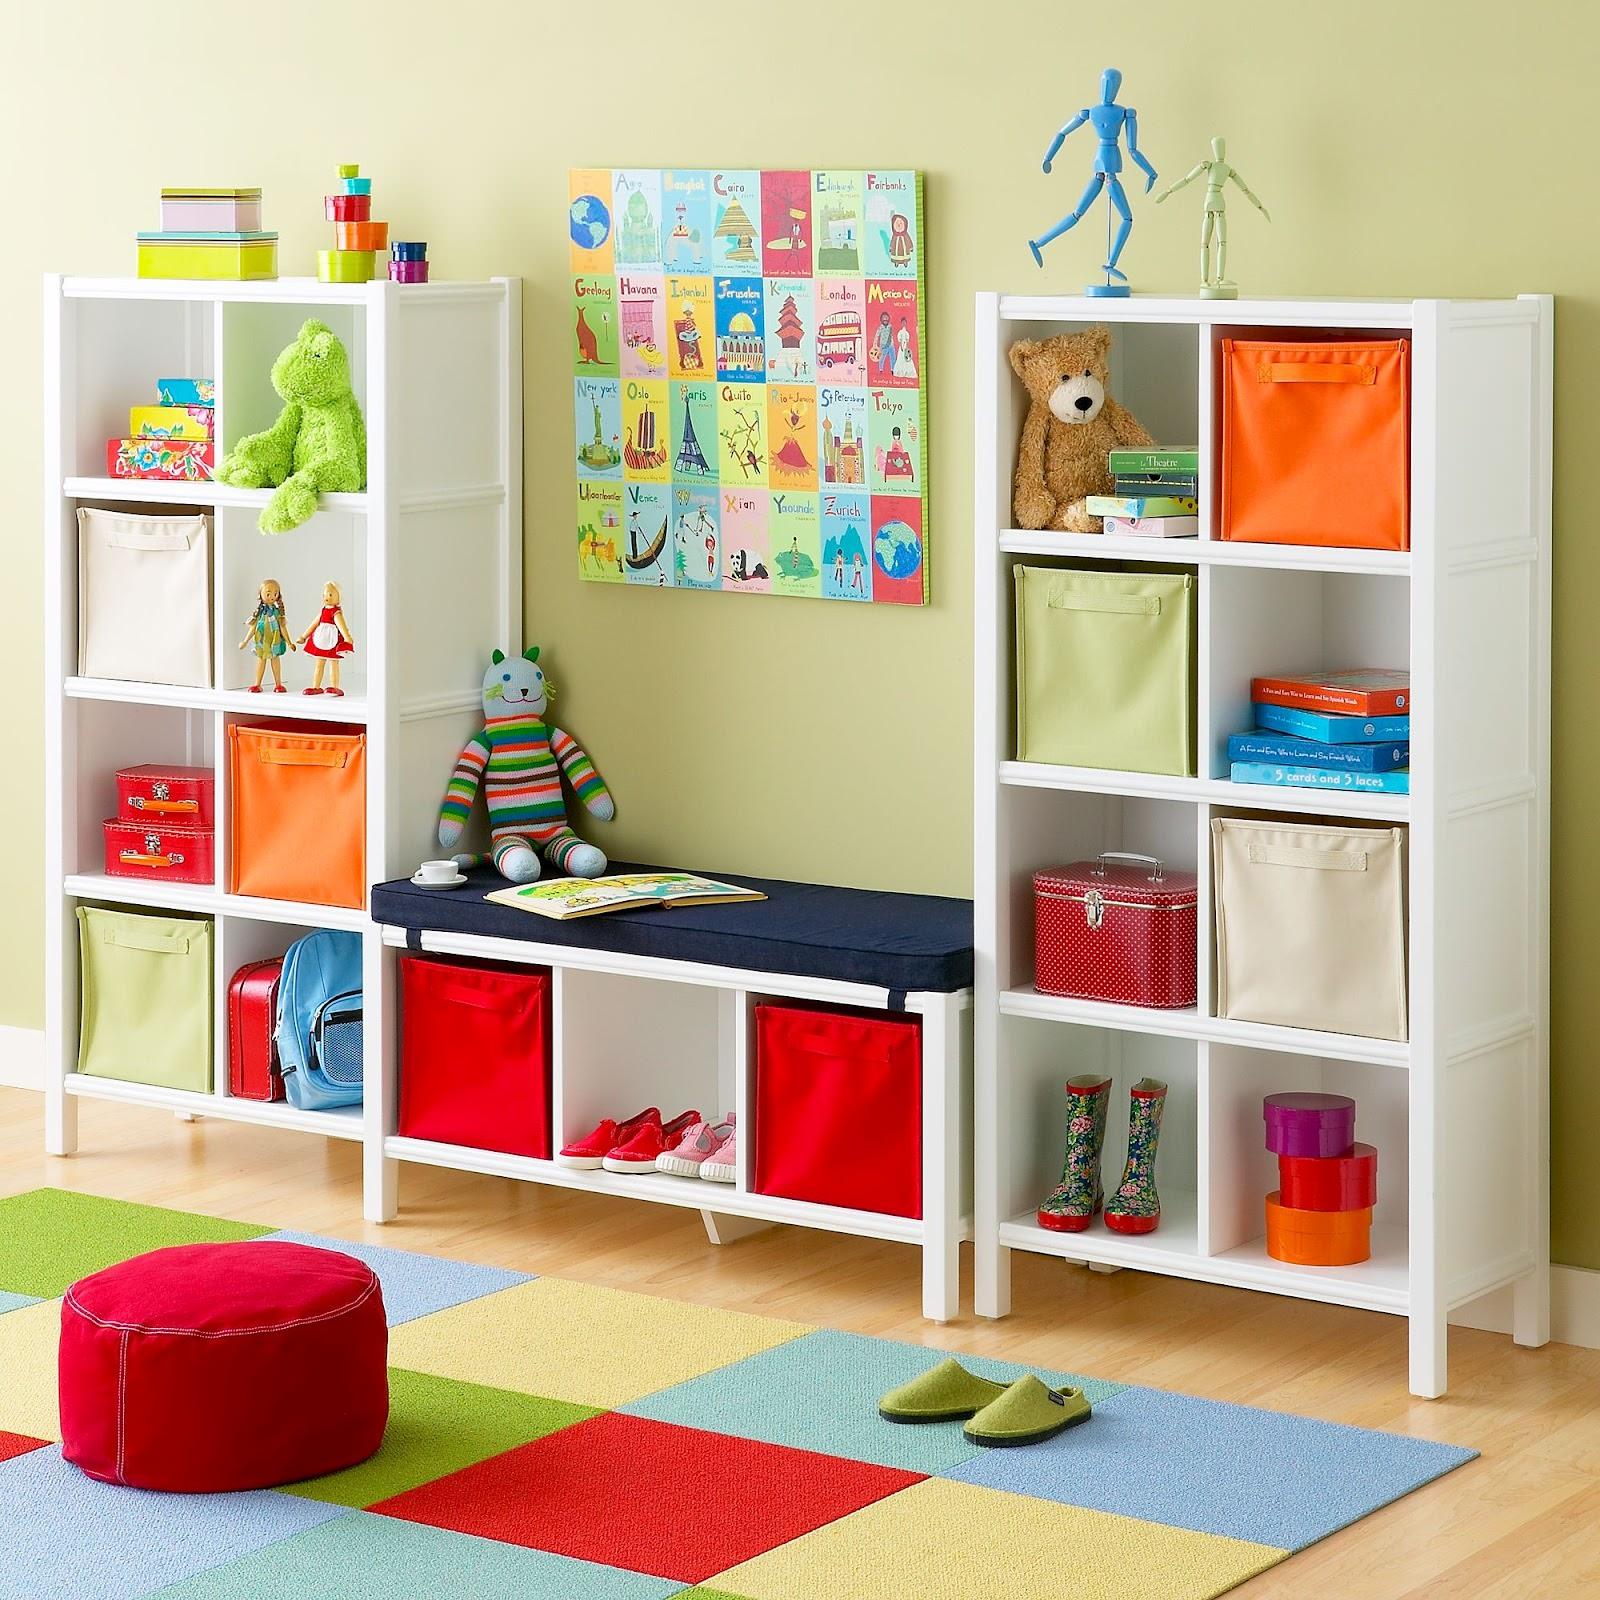 Стеллаж с местом для отдыха для хранения игрушек